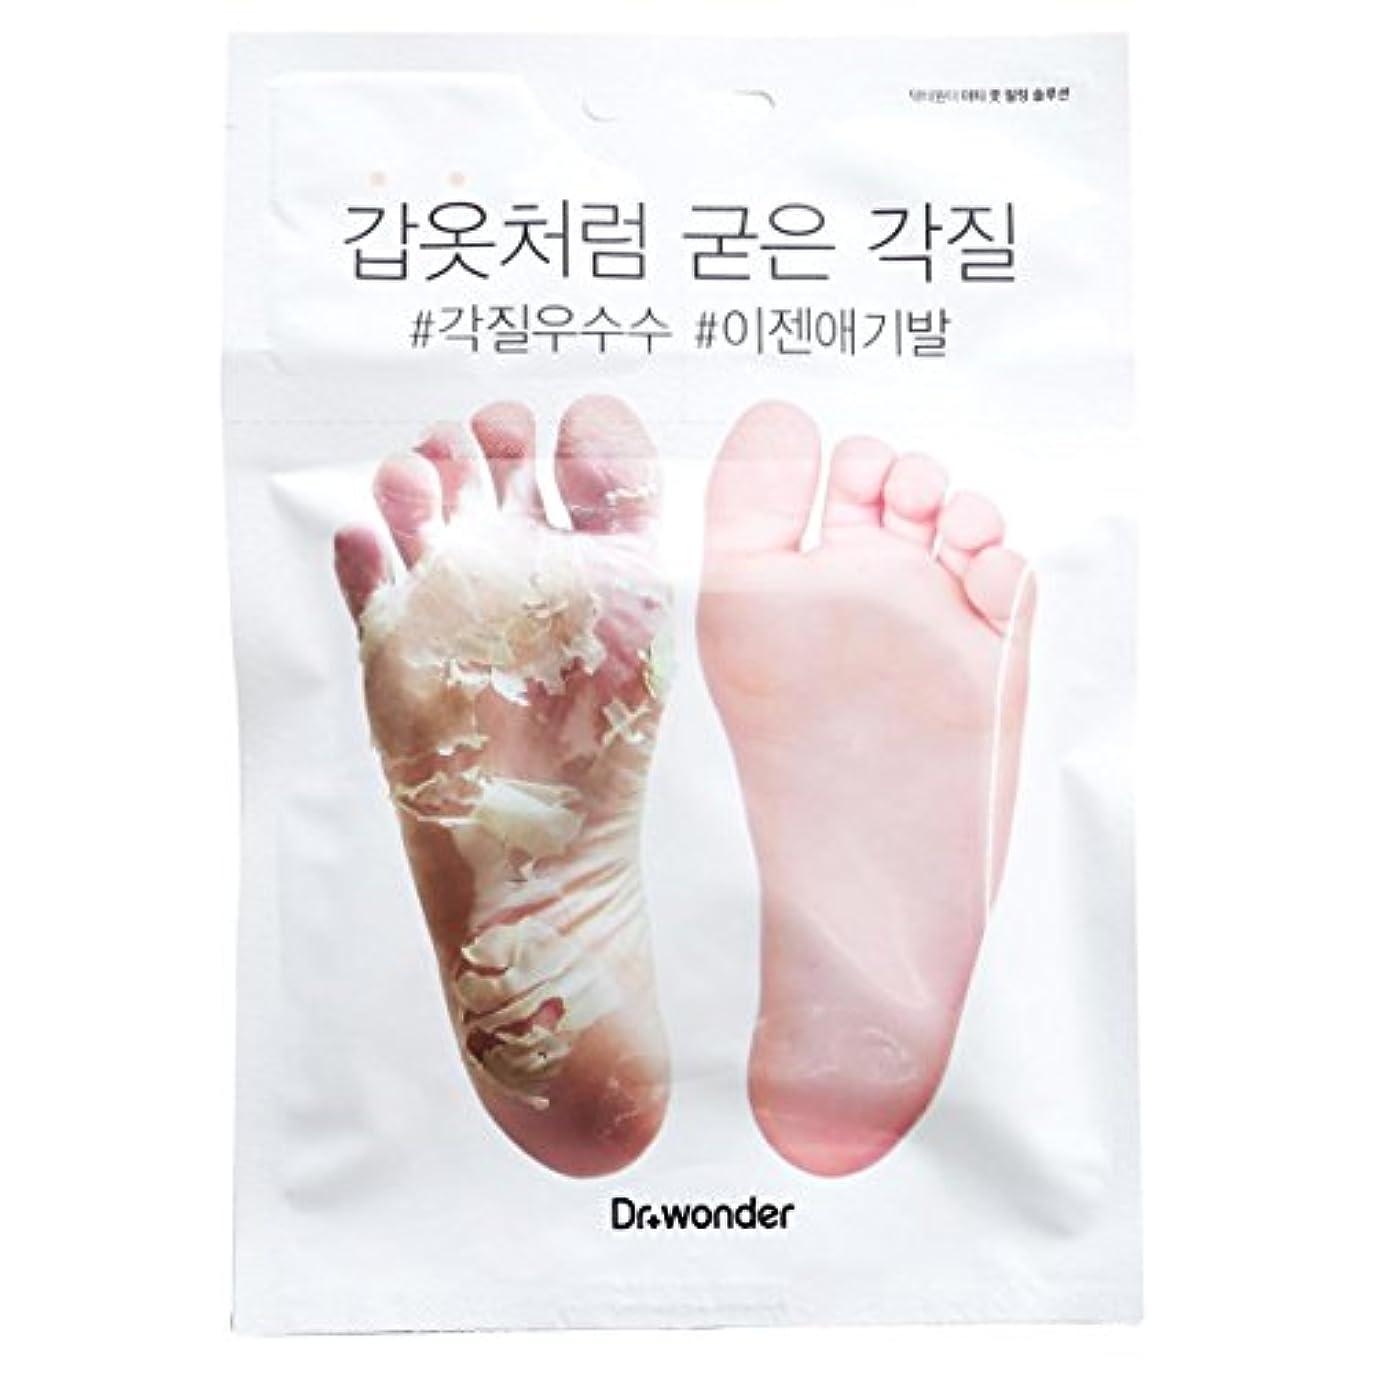 リテラシー美徳特に[ドクターワンダー/ Dr+ wonder] Good Bye, Dirty Foot! Doctor Wonder Crocodile Foot Mask Pack / ドクターワンダーワニバルペク/鎧のような硬い角質...